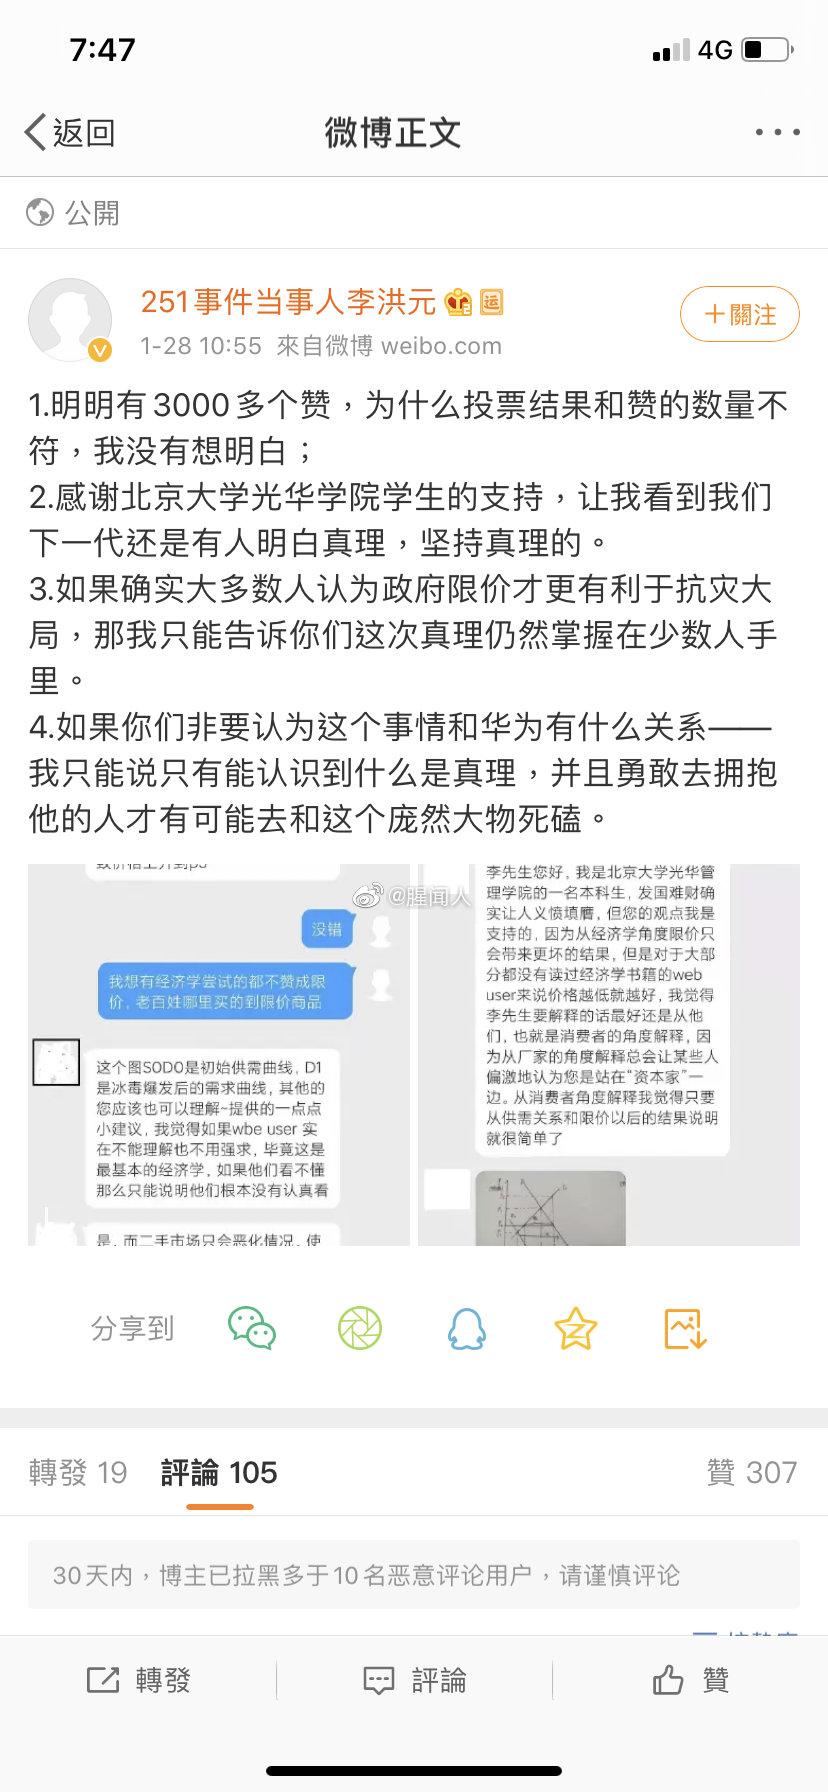 这个@251事件当事人李洪元 搞了个口罩是否应该涨价的投票